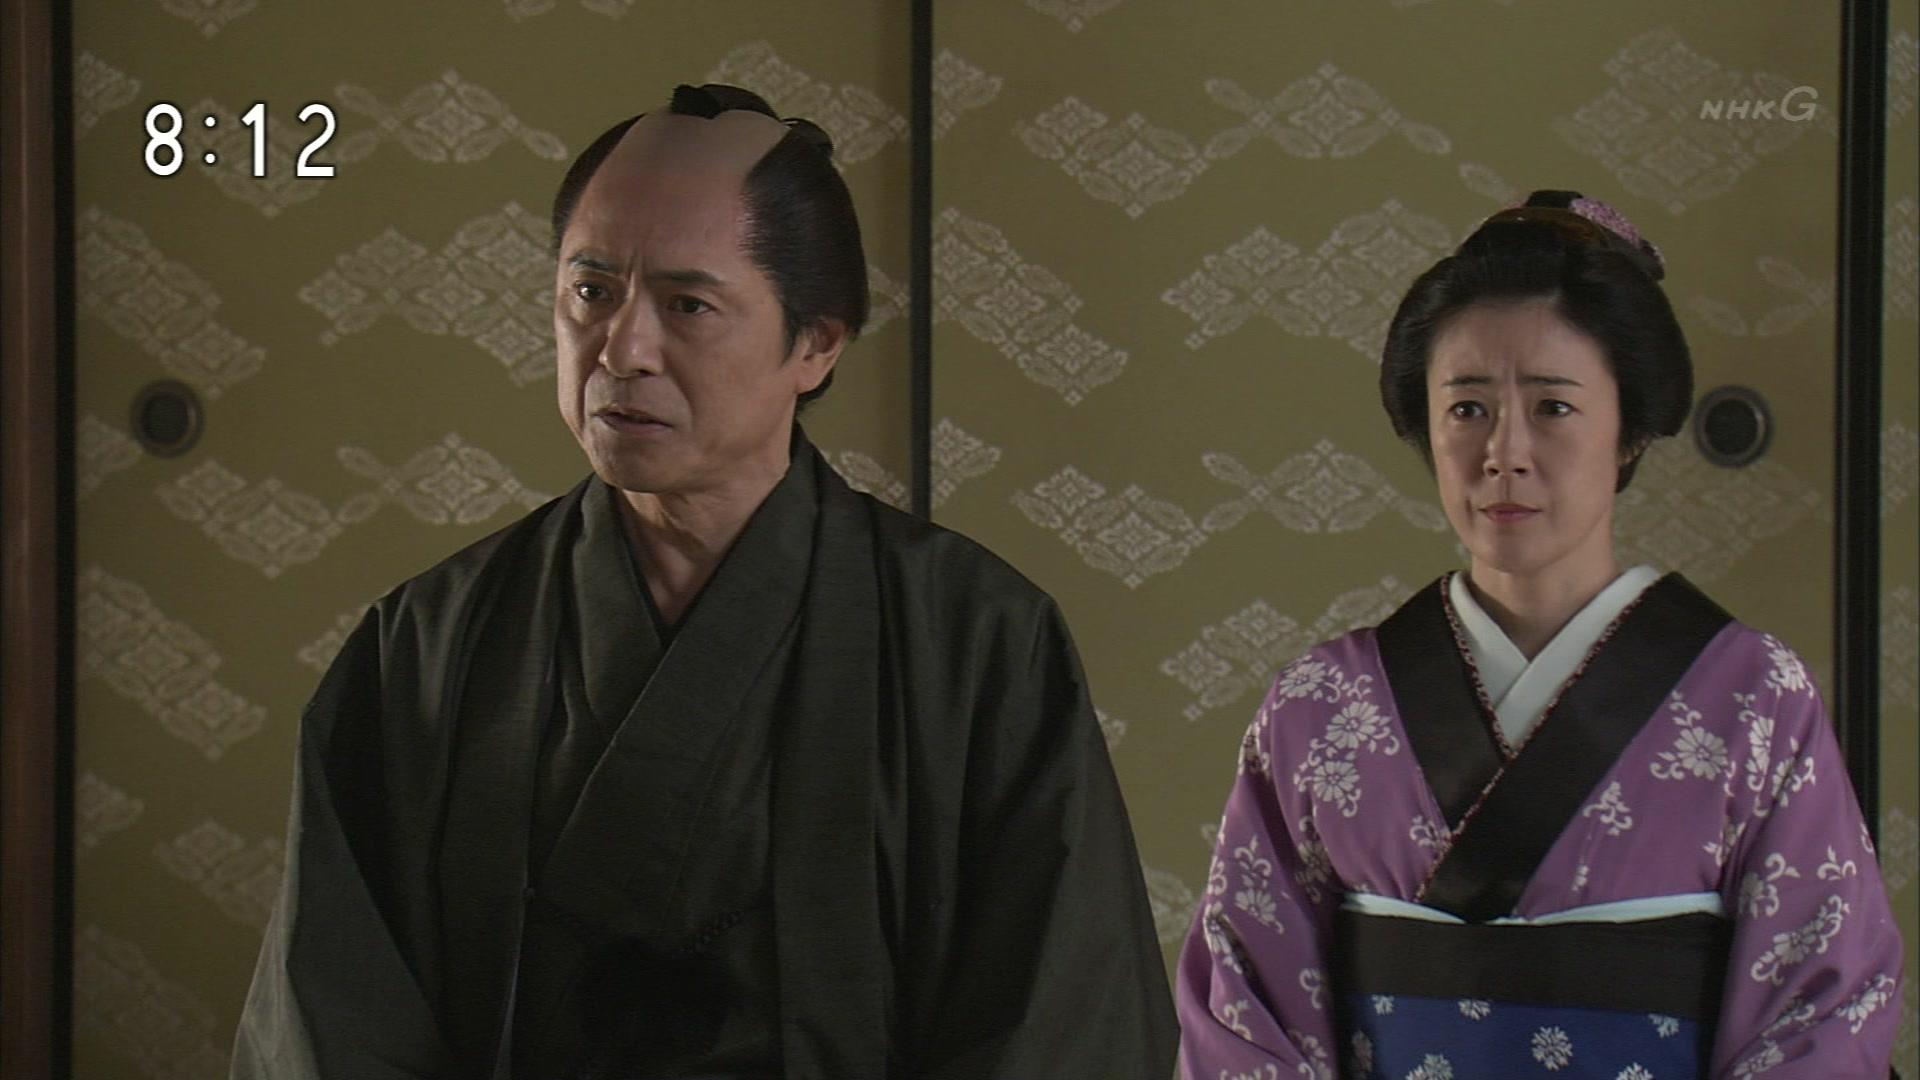 2015-10-09 08:00 連続テレビ小説 あさが来た(11)「ふたつの花びら」 2210